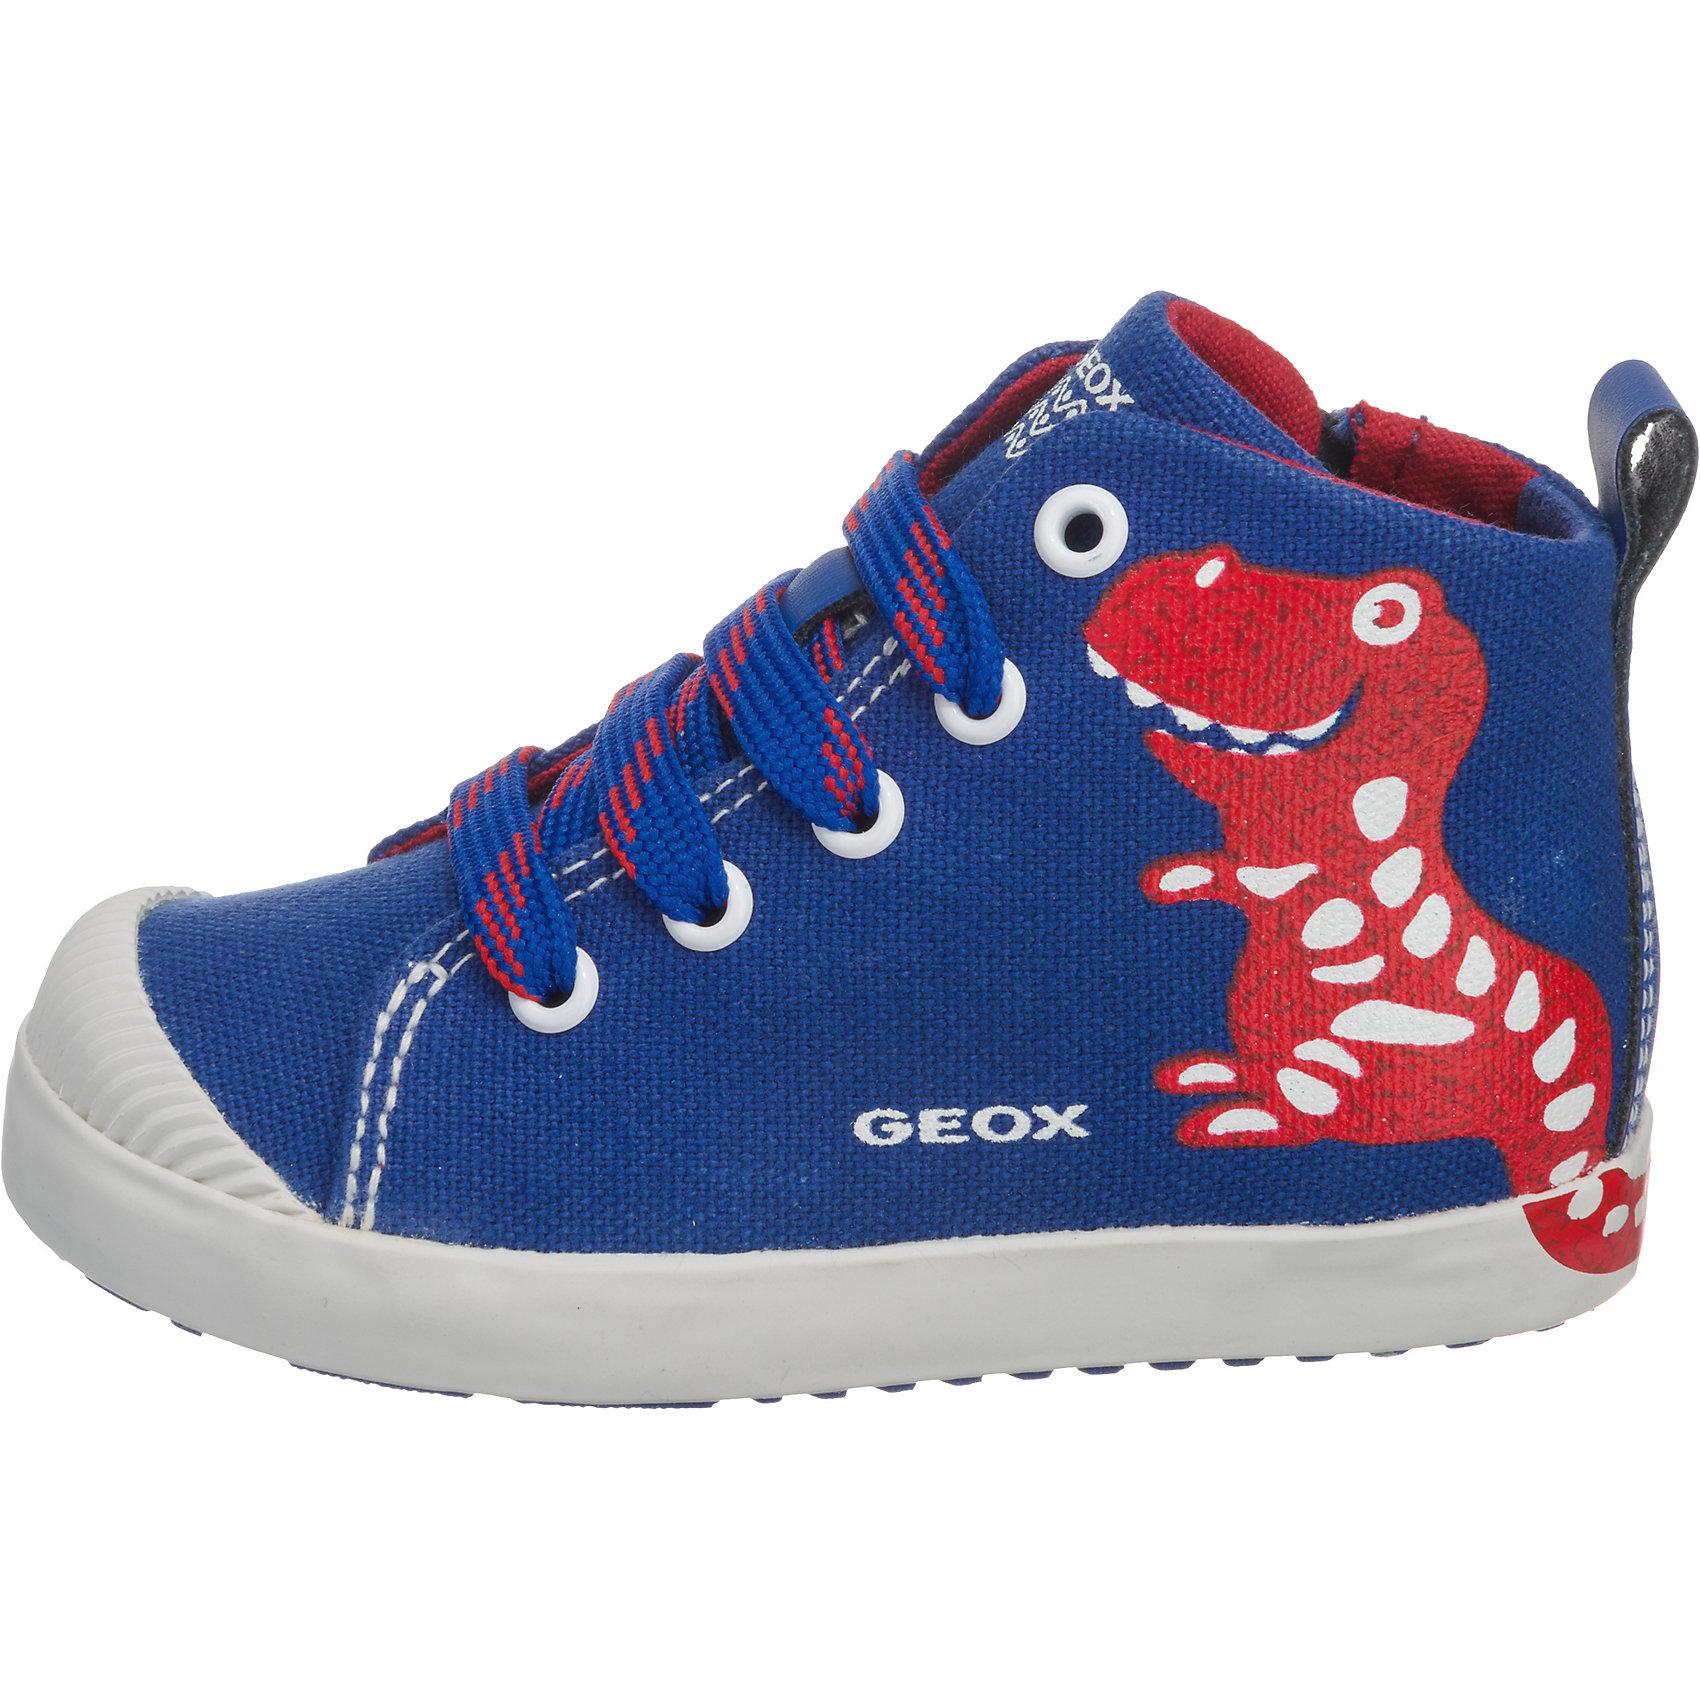 Neu GEOX Lauflernschuhe KILWI für Jungen, Dino 7209631 für